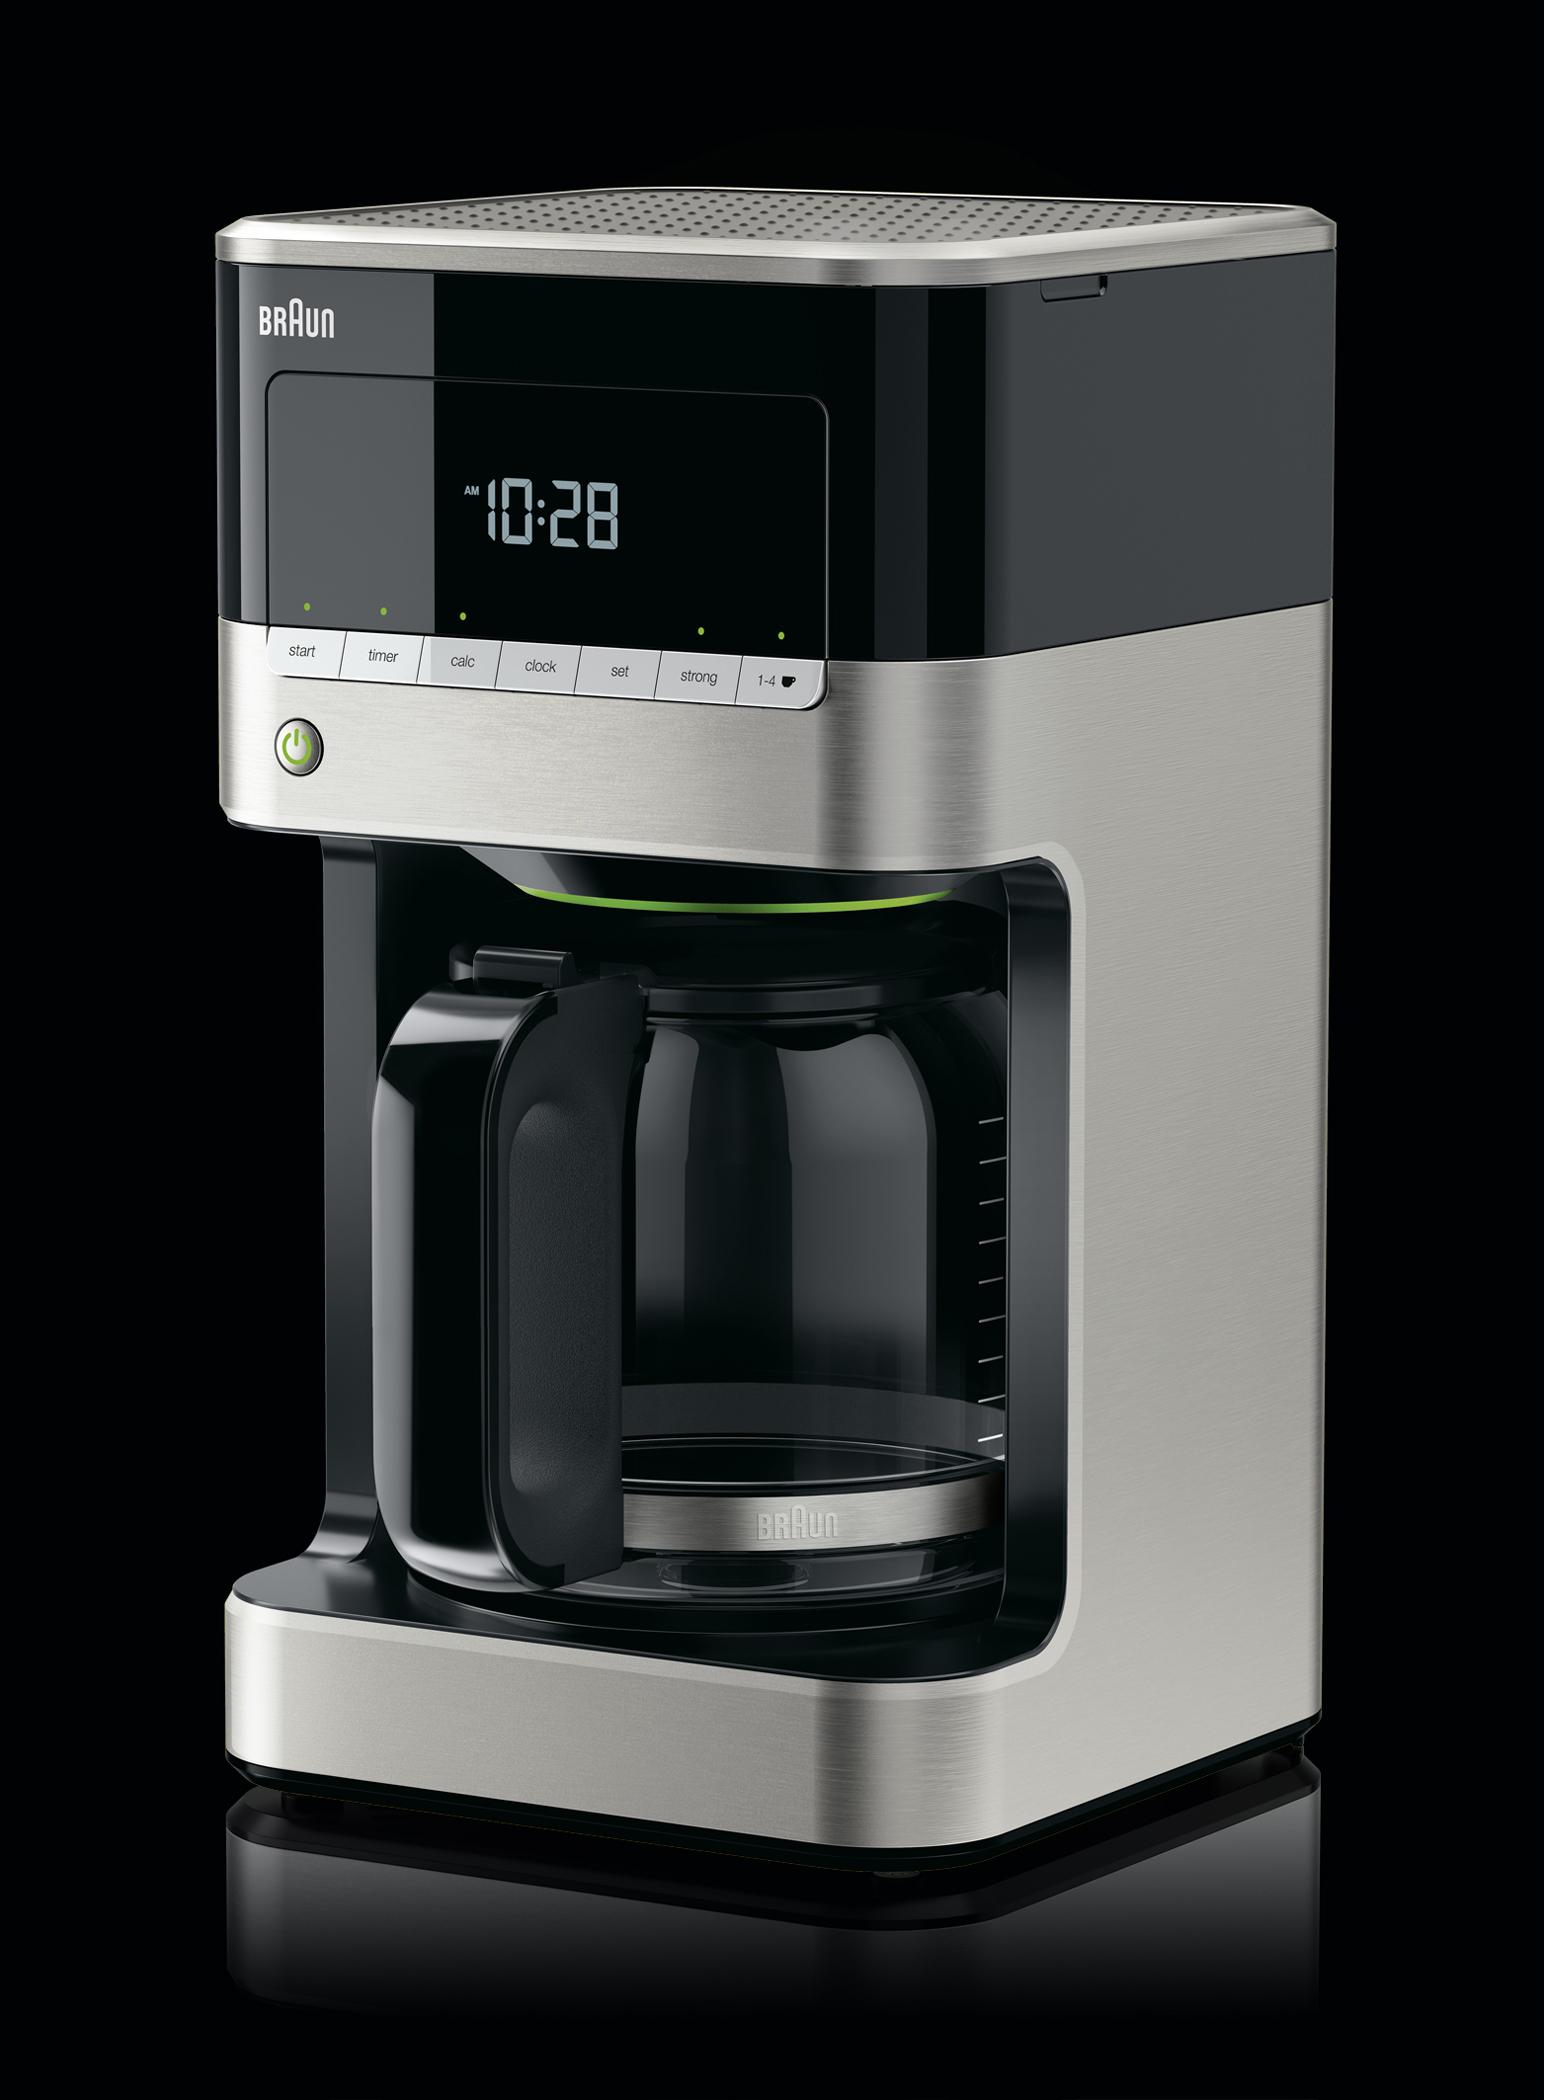 kaffeemaschine mit timer inspirierendes design f r wohnm bel. Black Bedroom Furniture Sets. Home Design Ideas